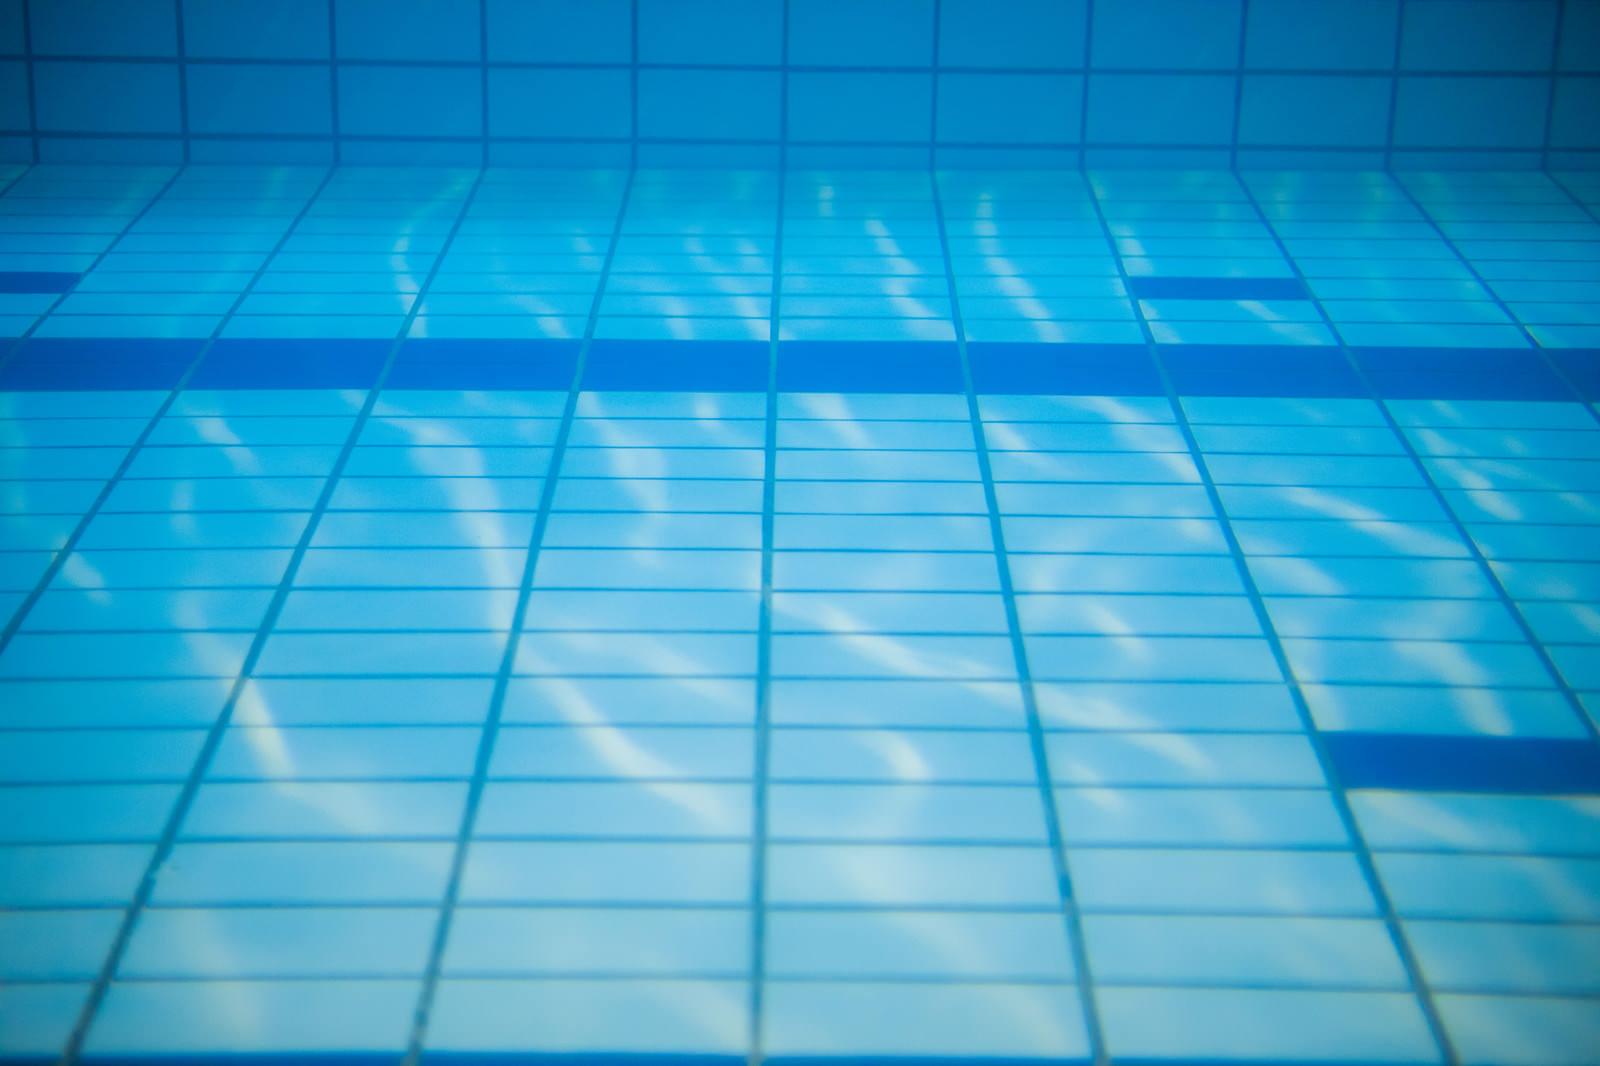 「水中撮影(プールの中)水中撮影(プールの中)」のフリー写真素材を拡大